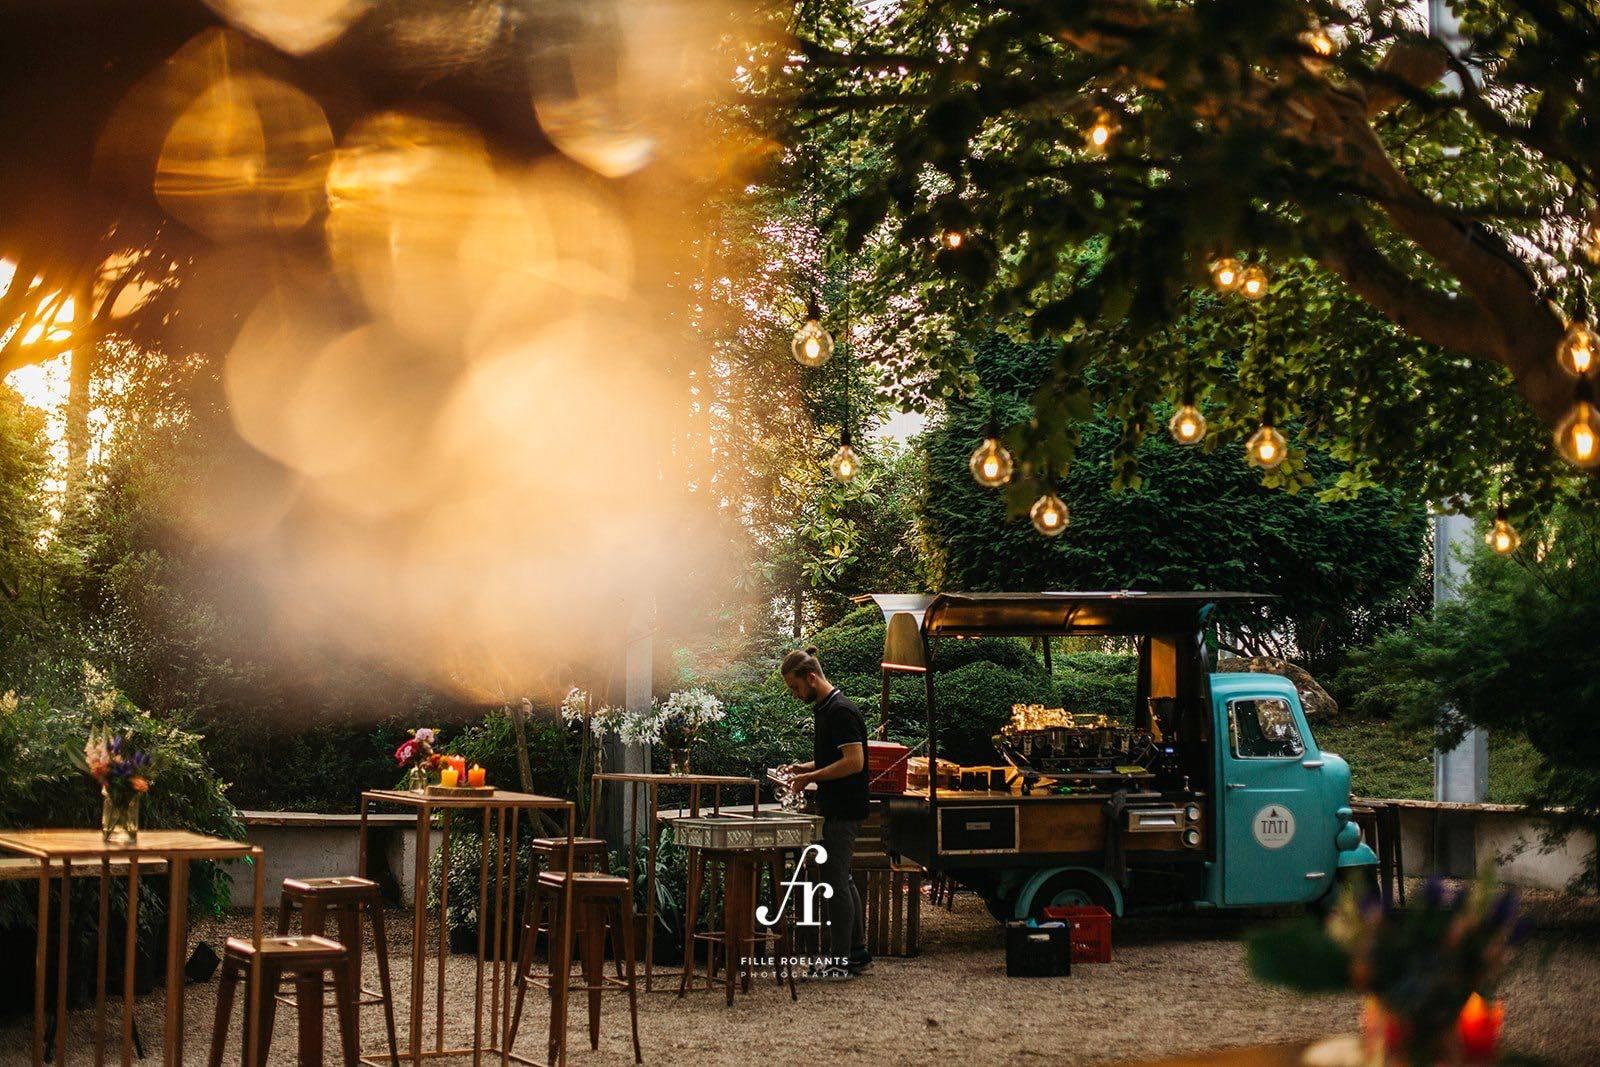 Gastronomie Nicolas - Catering - Traiteur - Trouw - Huwelijk - Bruiloft - House of Weddings - 11